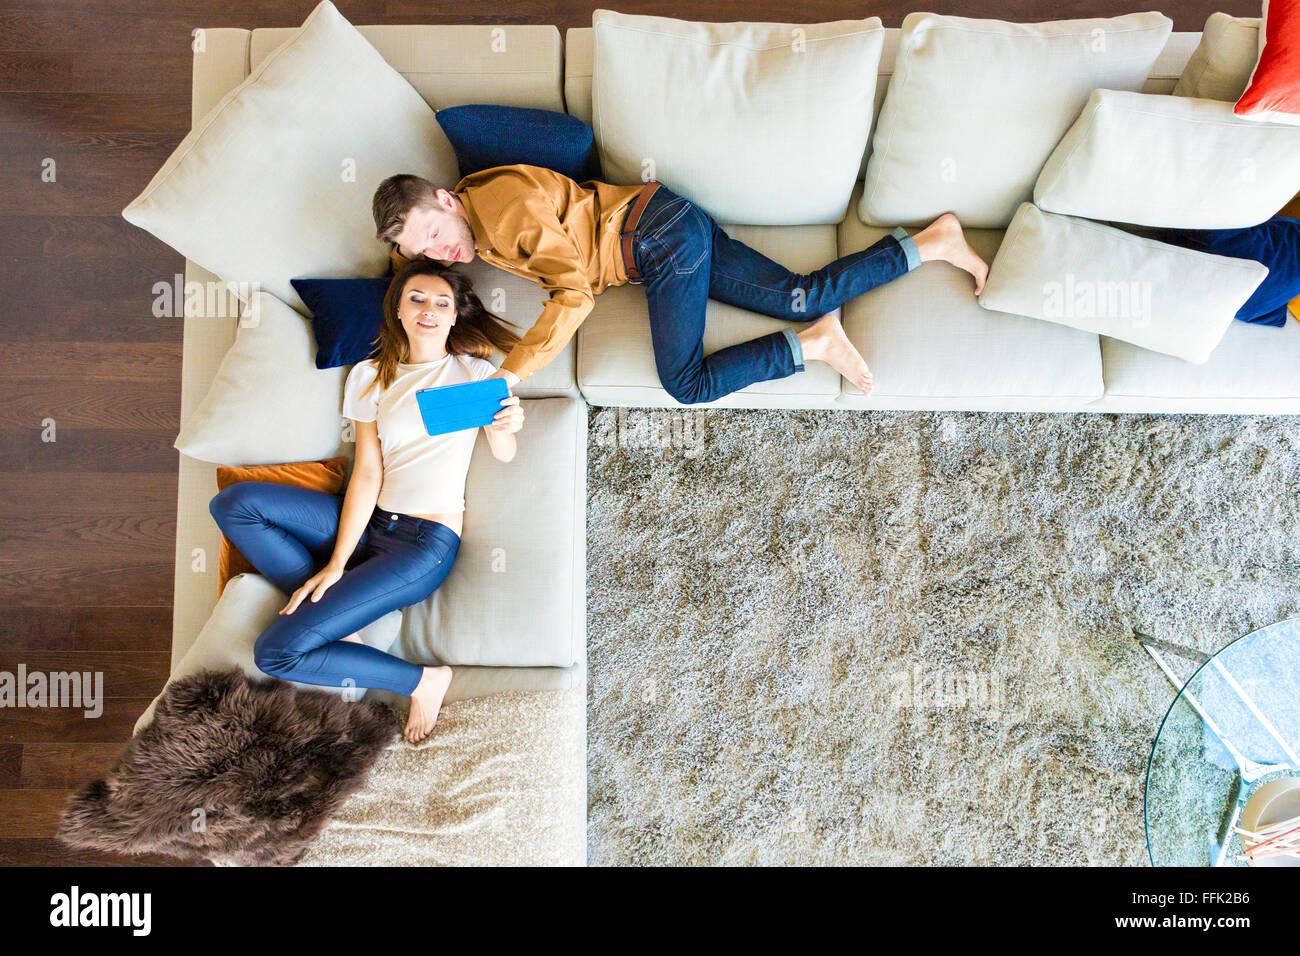 Par de relax en el apartamento moderno Imagen De Stock